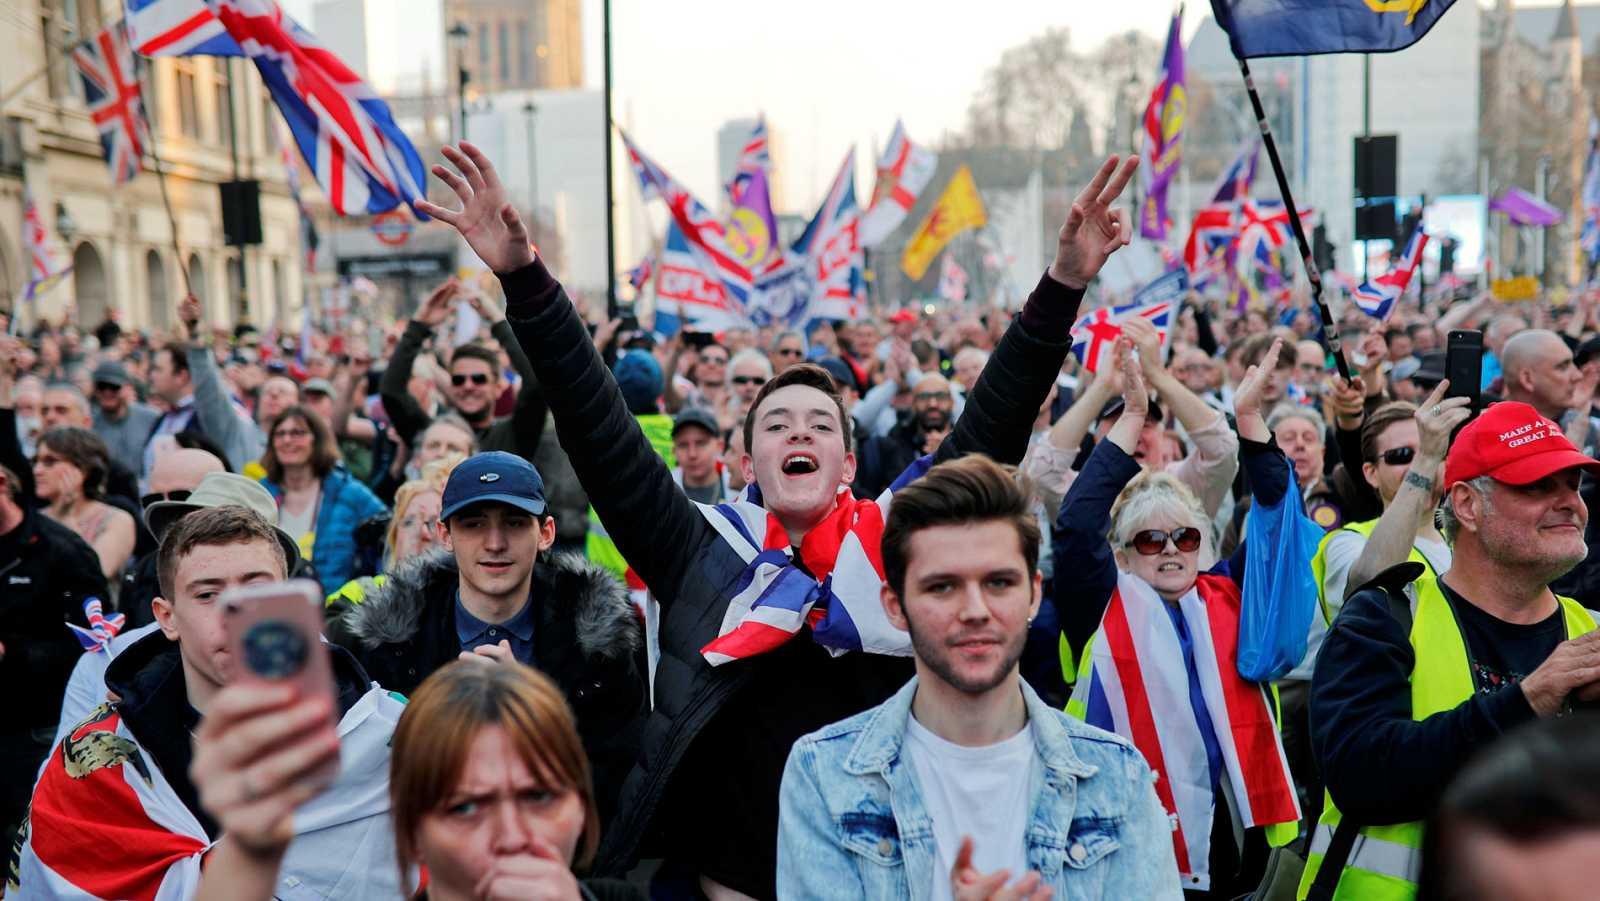 """Miles de personas se manifiestan en Londres en defensa del 'Brexit' y contra la """"traición"""" de Westminster"""